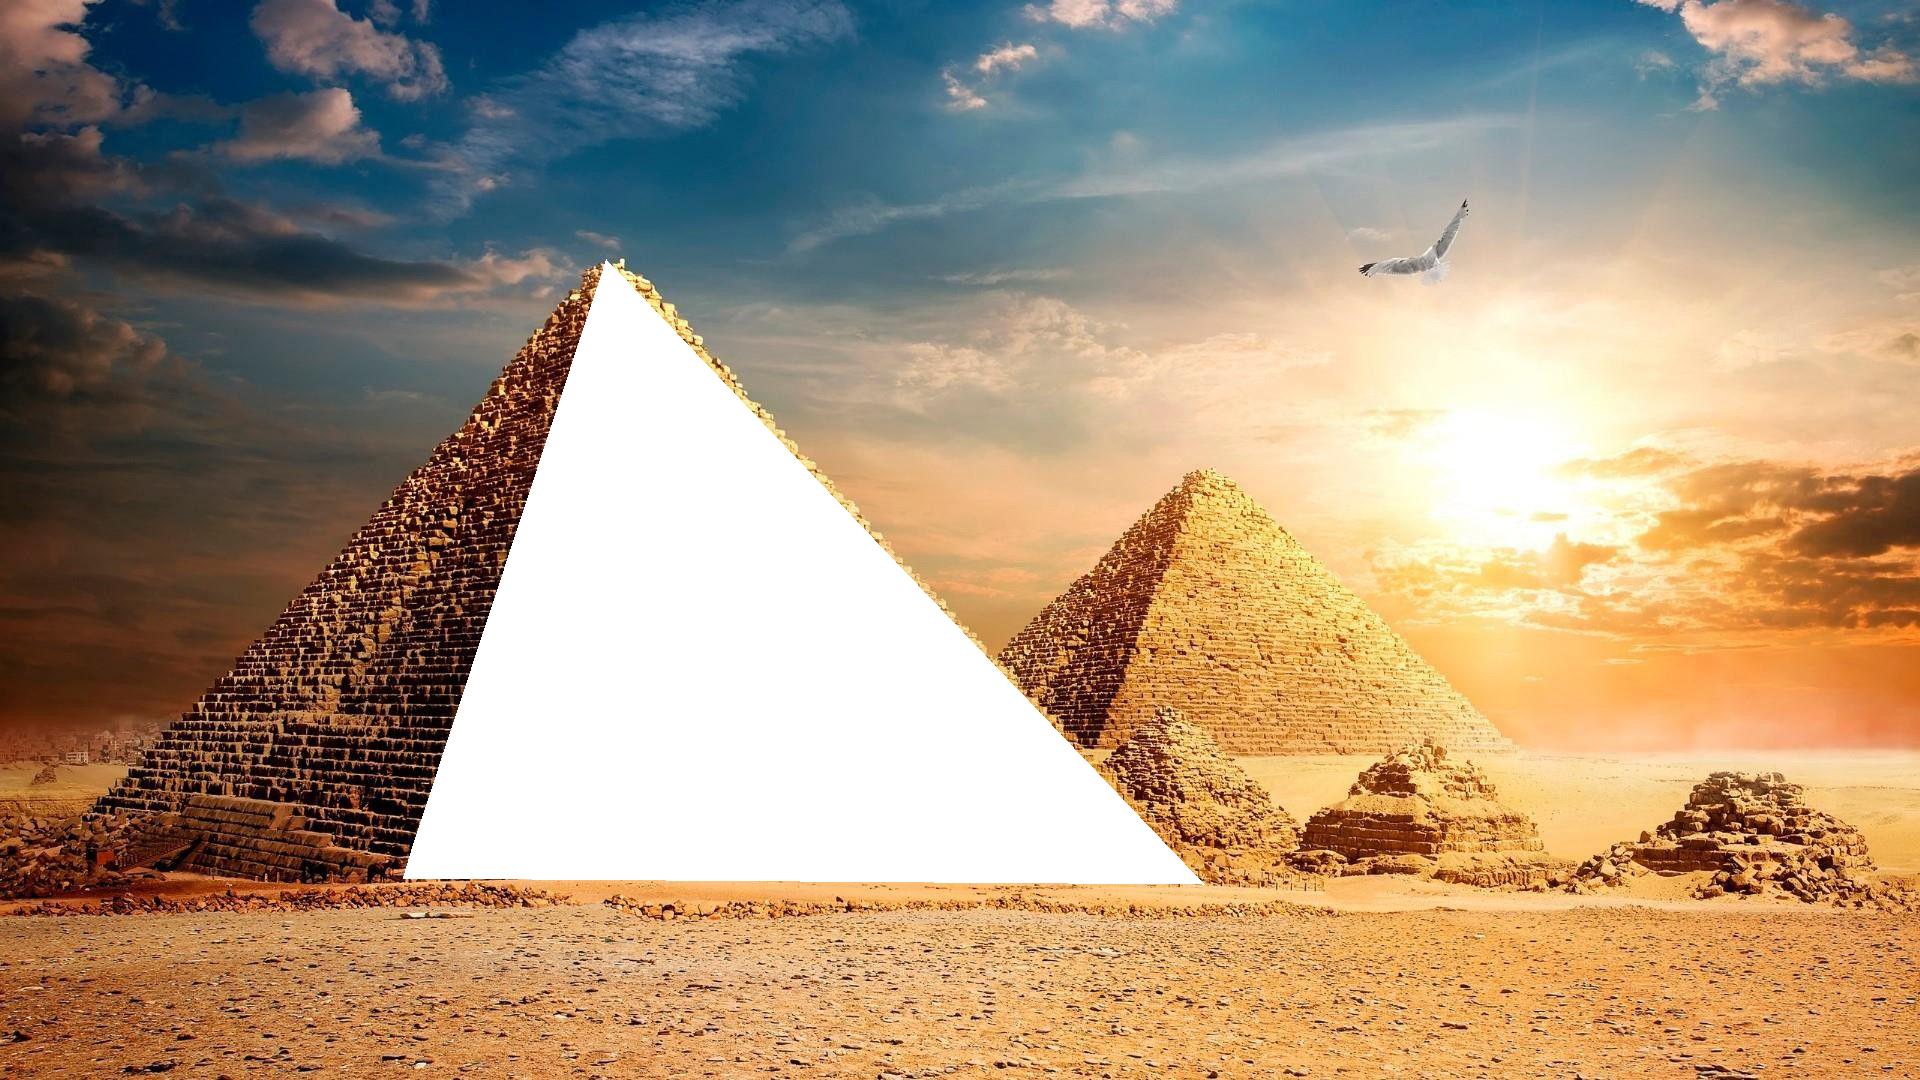 marco de las pirámides de giza - Marco de las pirámides de giza